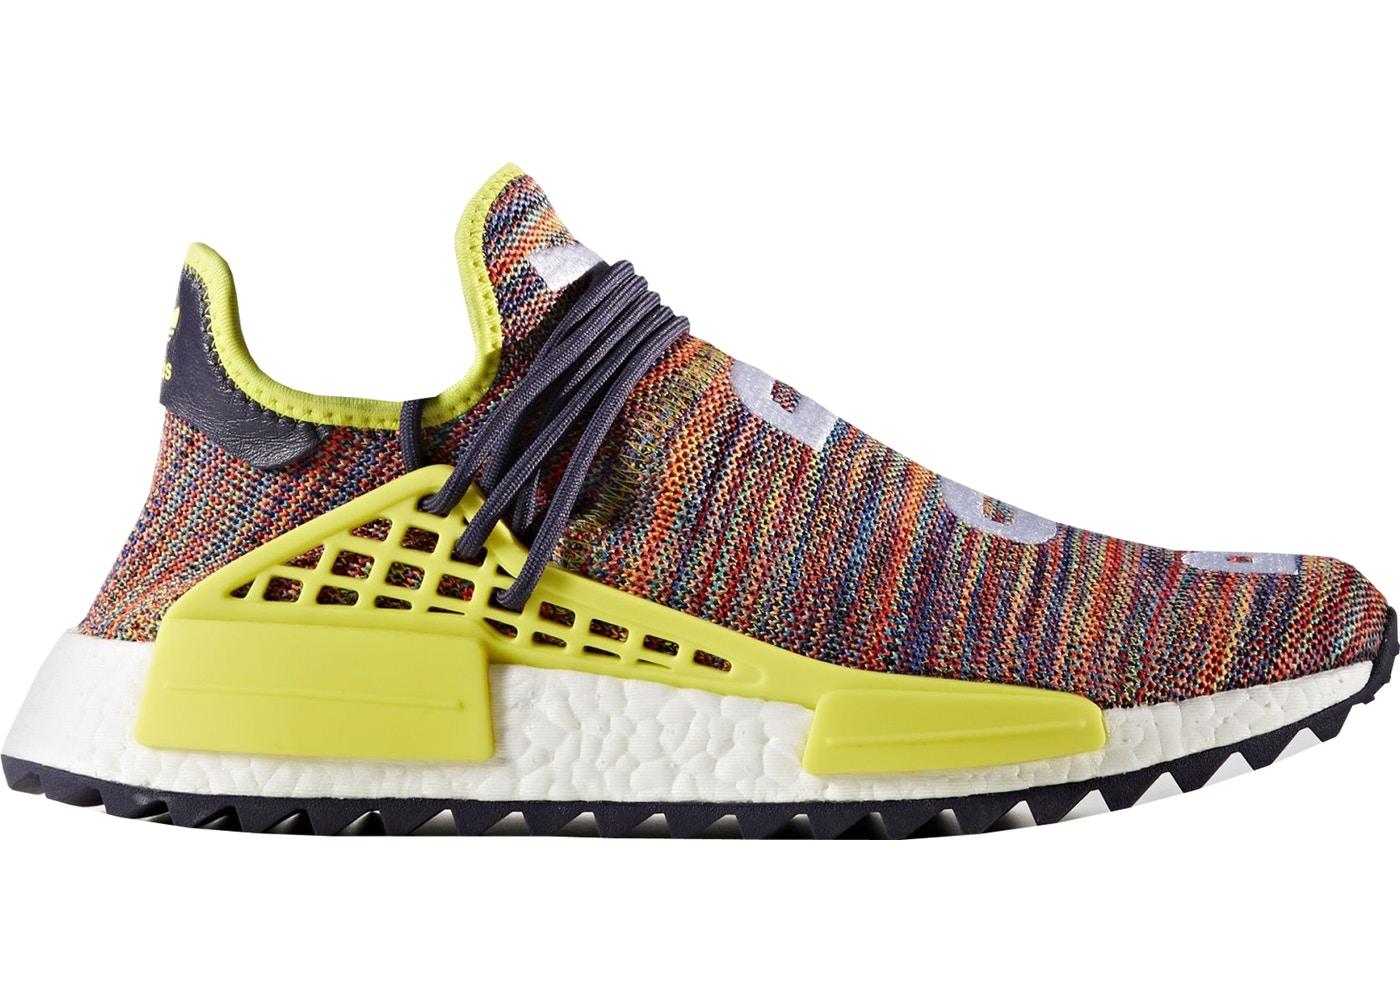 adidas Human Race NMD Pharrell Multi-Color ノーブルインク/ボールドイエロー/フットウェアホワイト